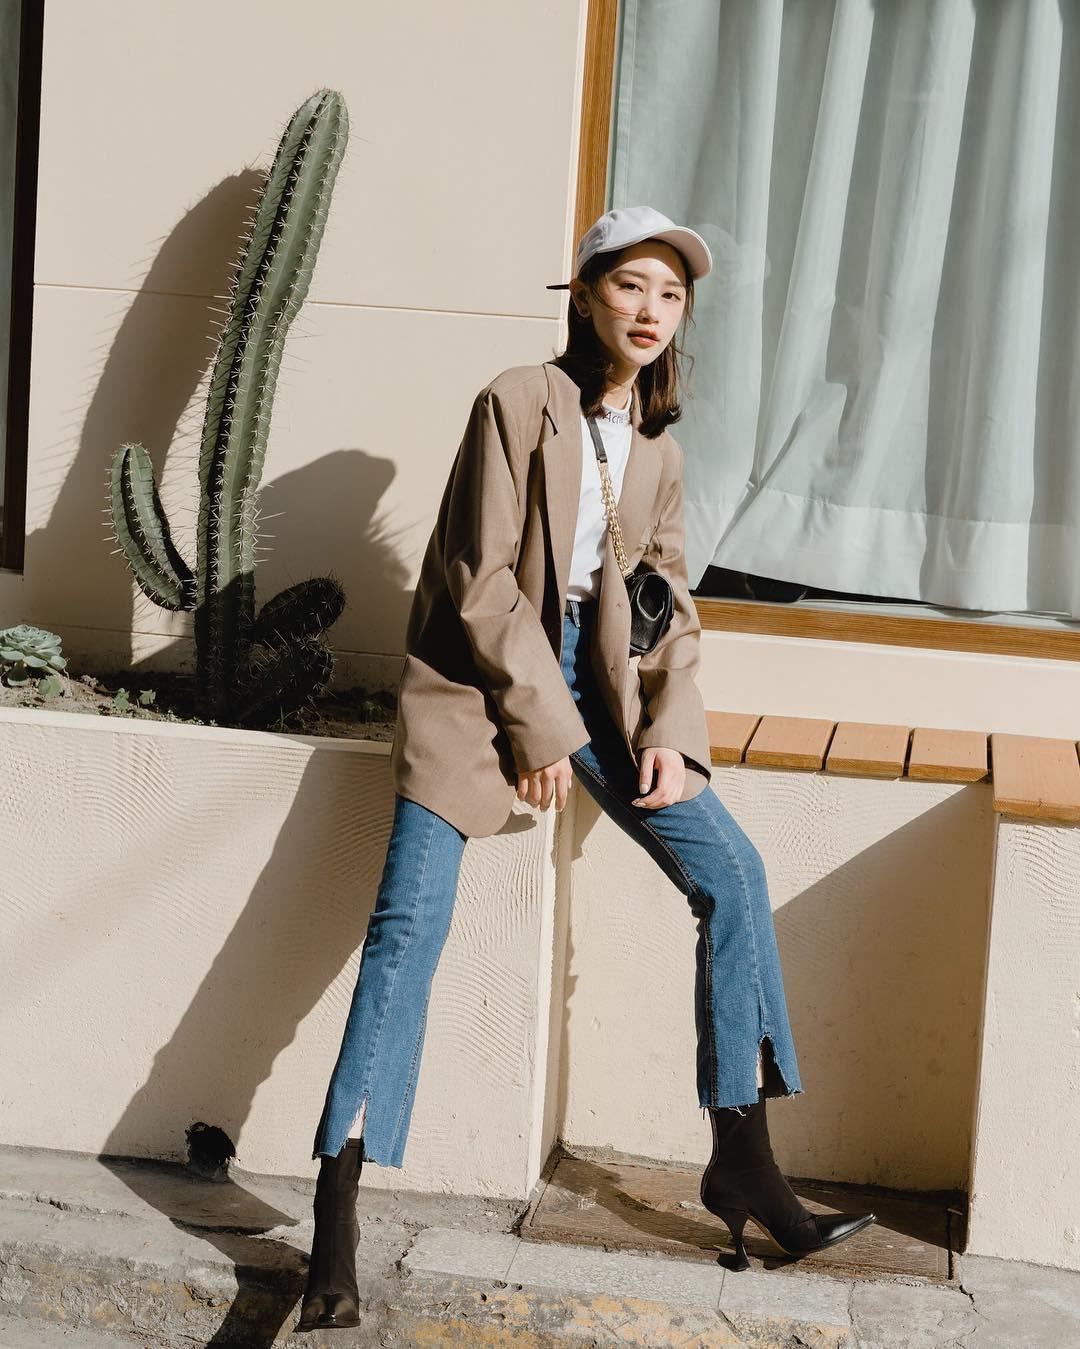 Blazer + Jeans: Nàng công sở tuổi 30+ sẽ chẳng bao giờ mặc xấu nếu biết thêm cách kết hợp giày dép này 9